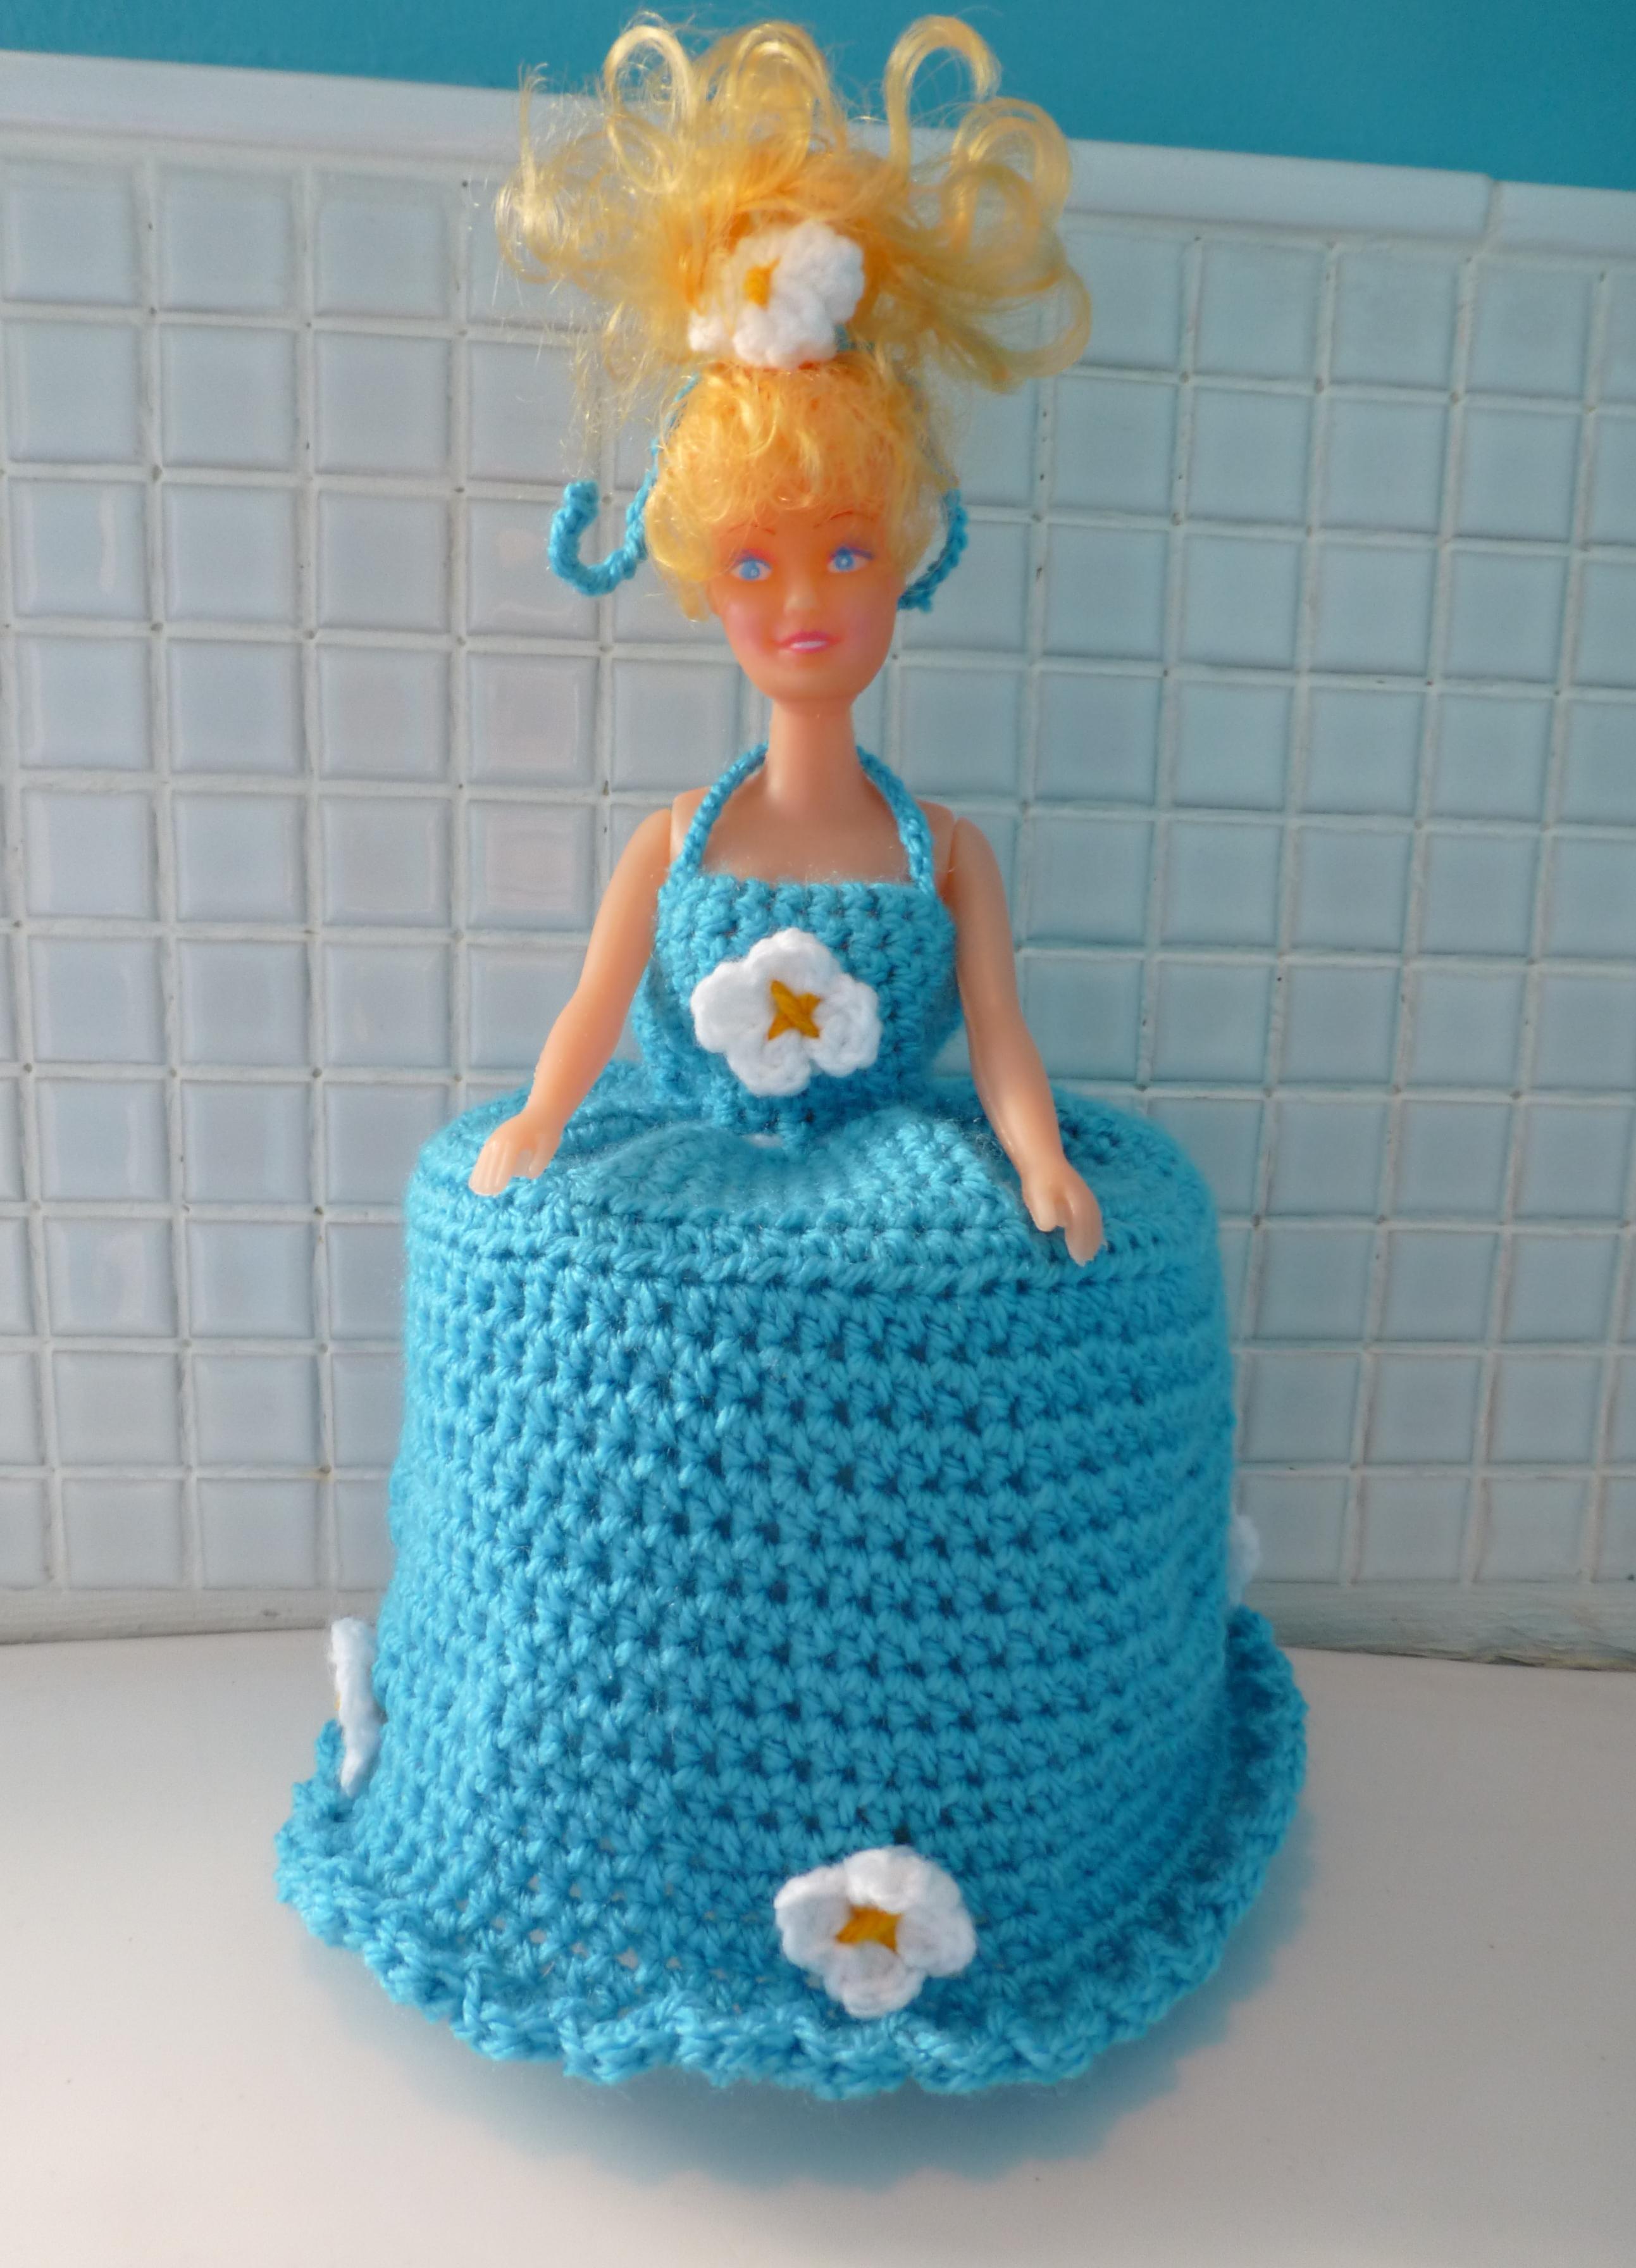 Crochet toilet roll covers – Odd Bogs